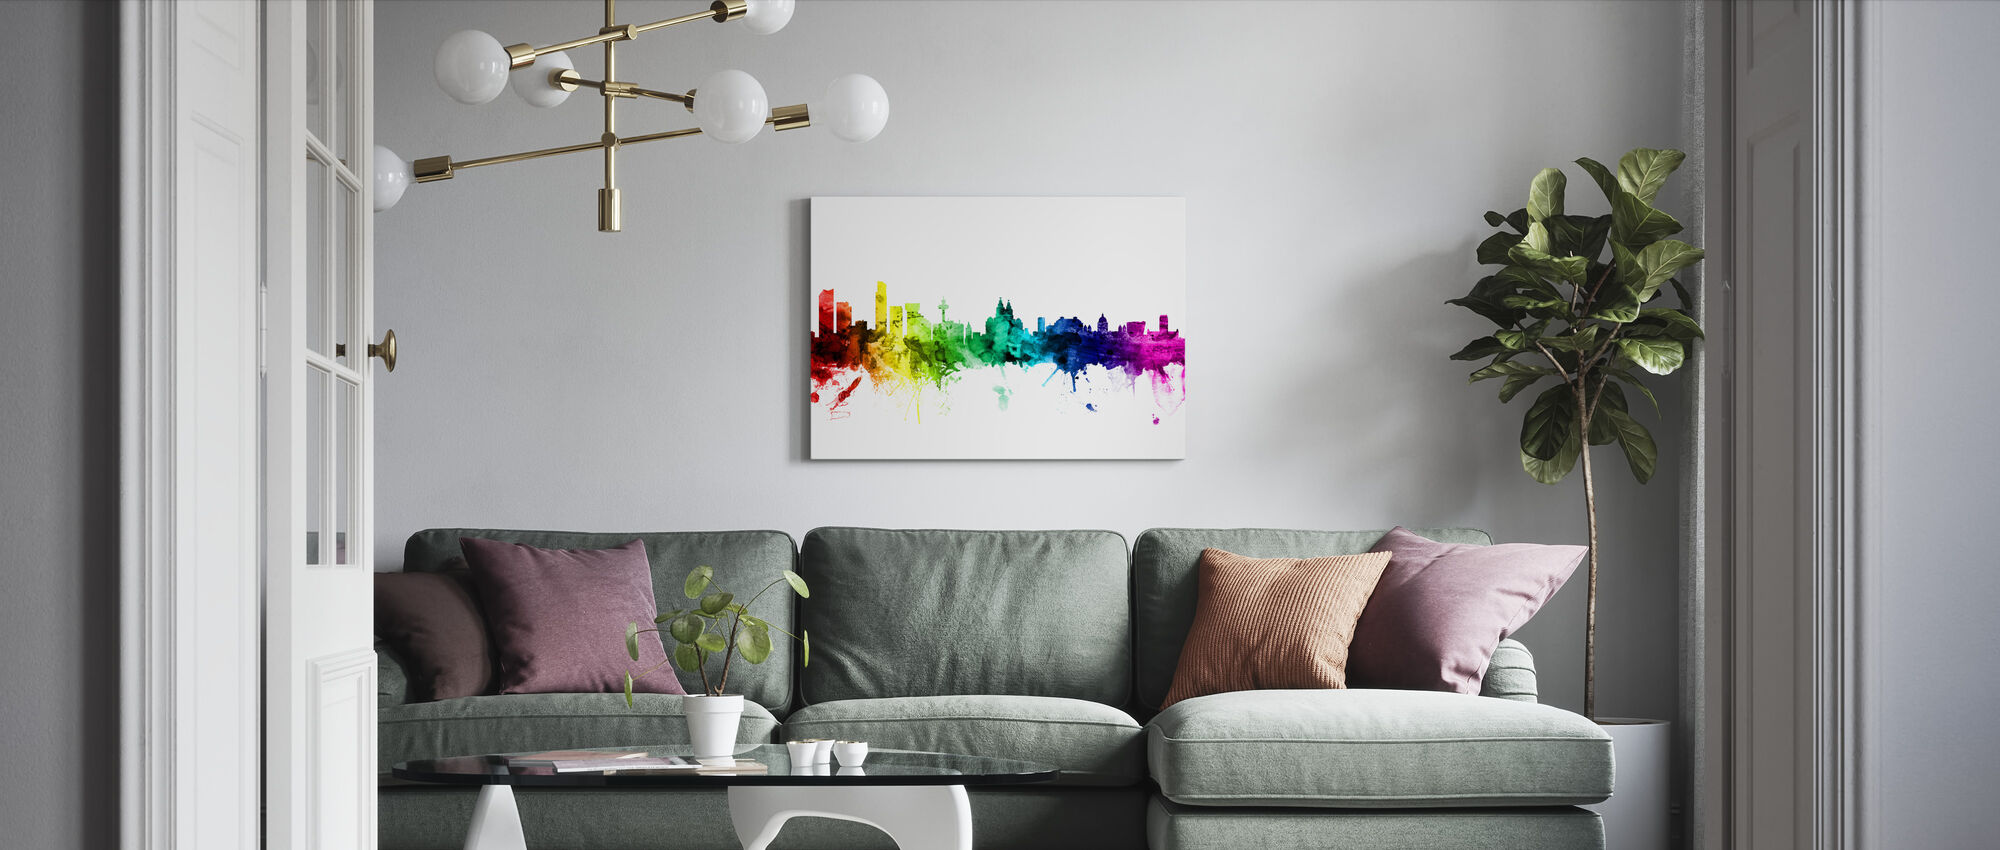 Liverpool Skyline Rainbow - Canvas print - Living Room